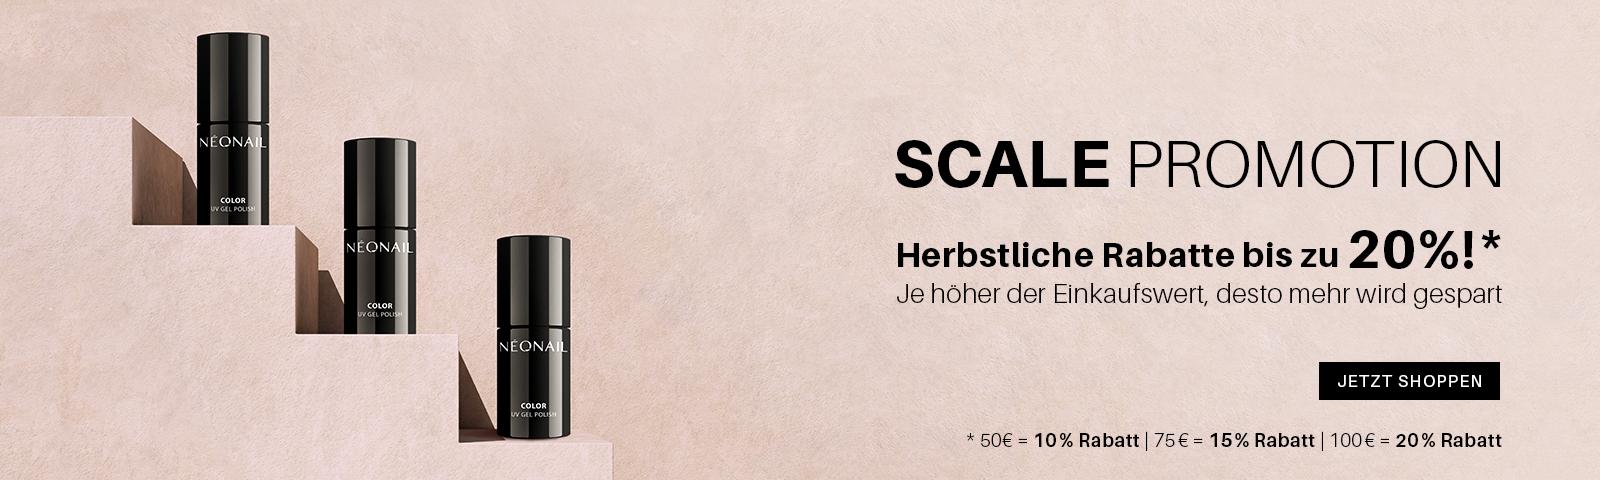 scale promo 21.09.